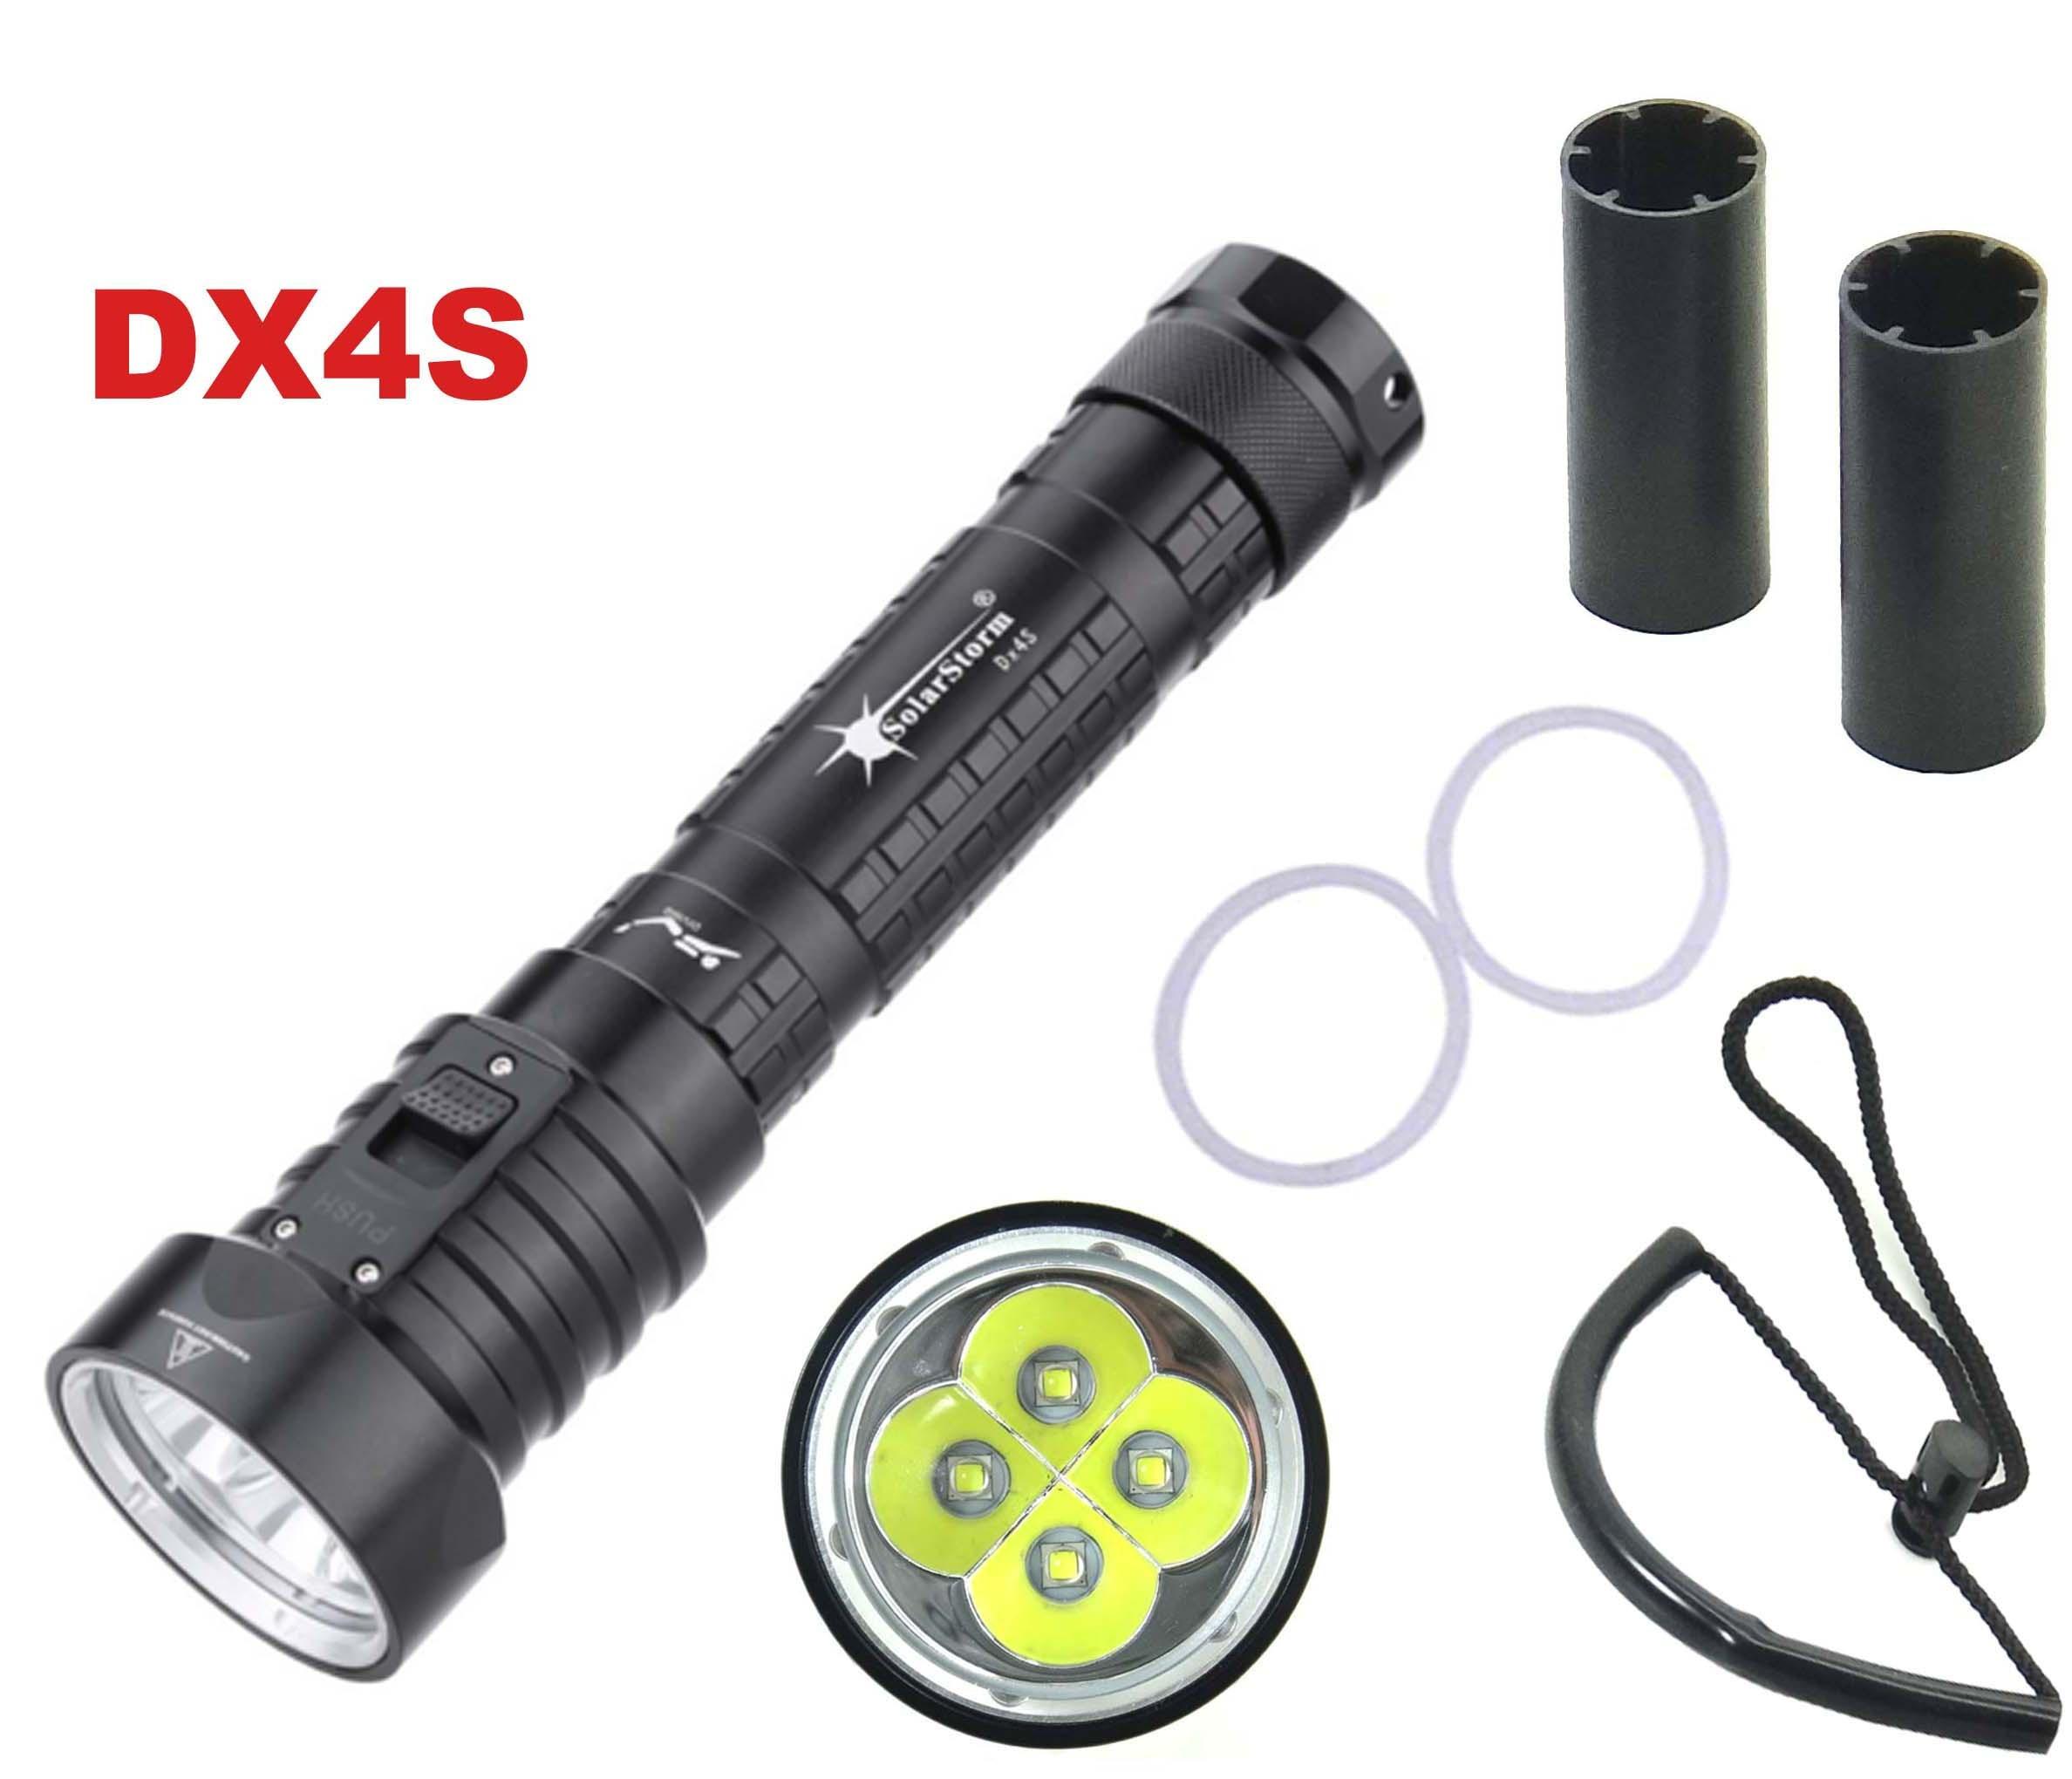 Solarstorm DX4S светодио дный Дайвинг фонарик 4x * L2 4L2 Подводные 18650 26650 факел Яркость Водонепроницаемый 100 м свет светодио дный факел